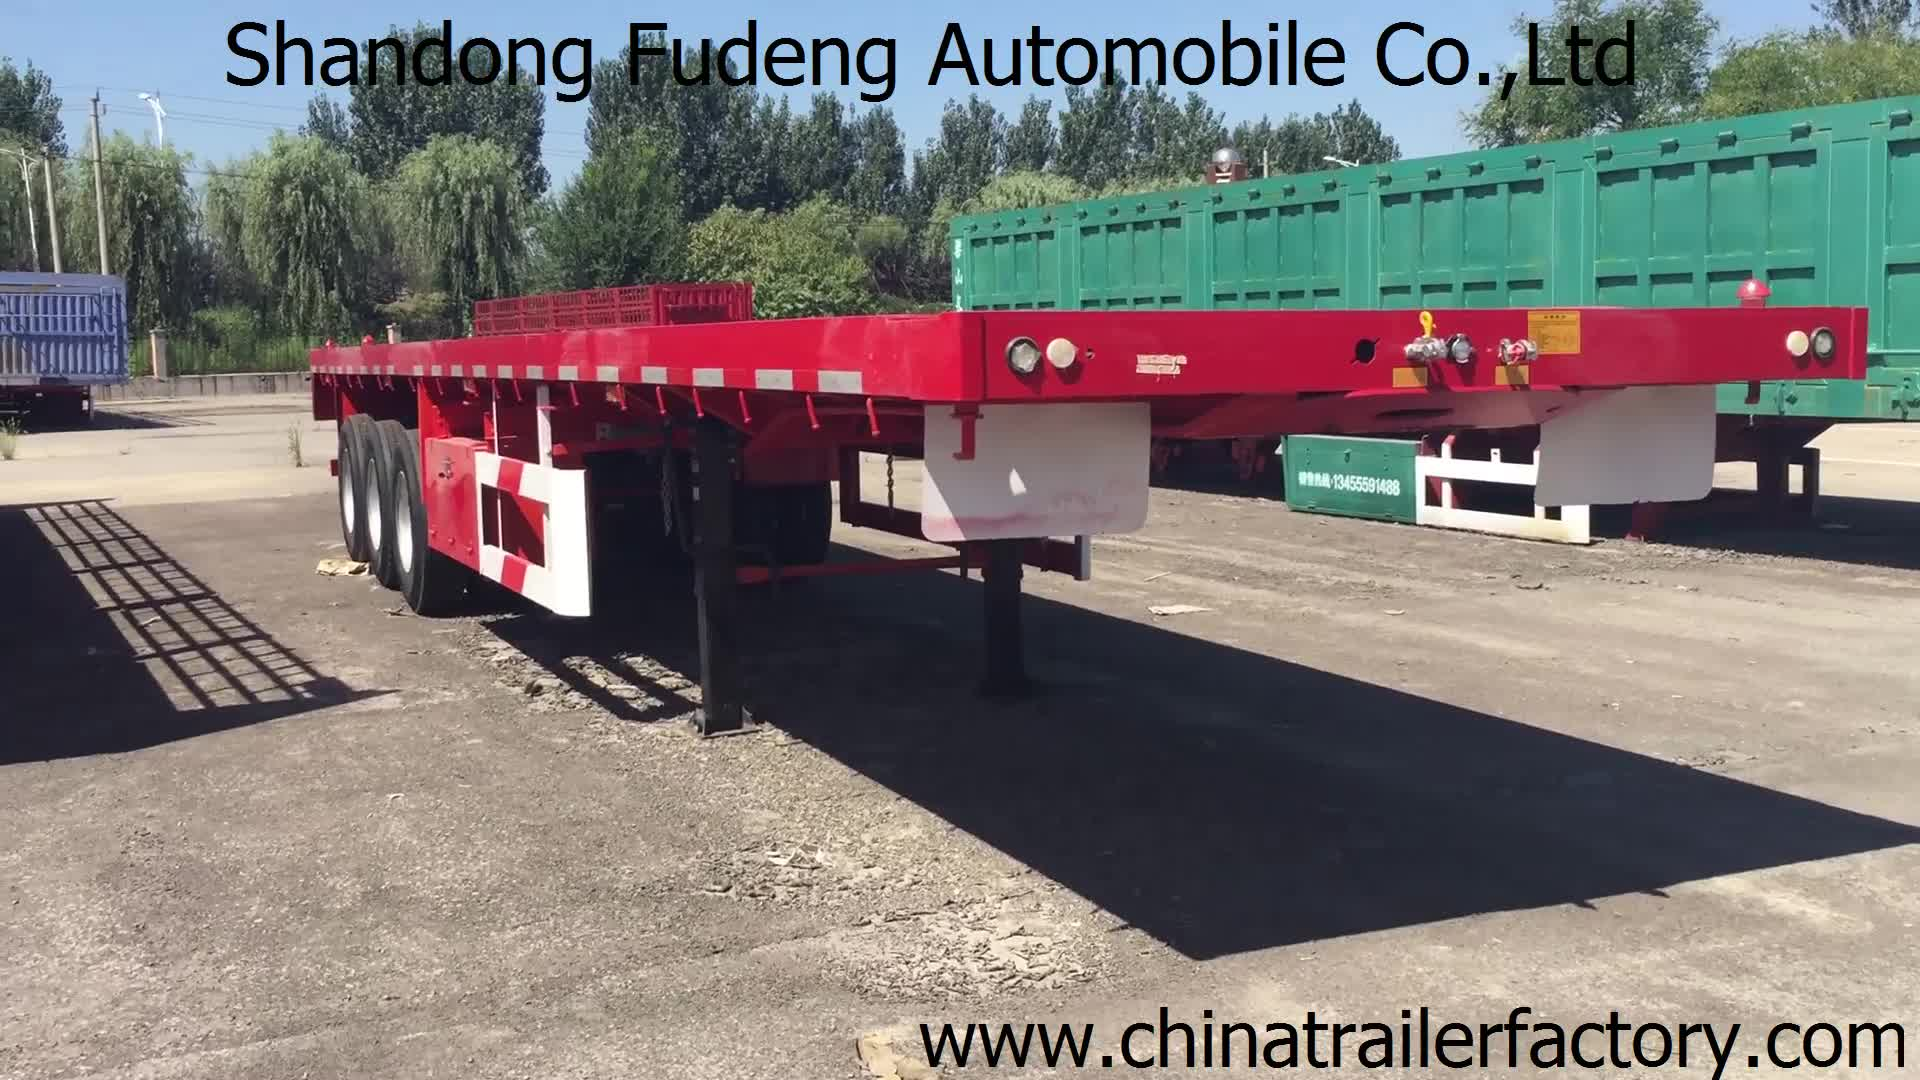 Goedkope 3 axle 40ft of 20ft gebruikt trailer container flatbed truck trailer en semi trailer container voor koop